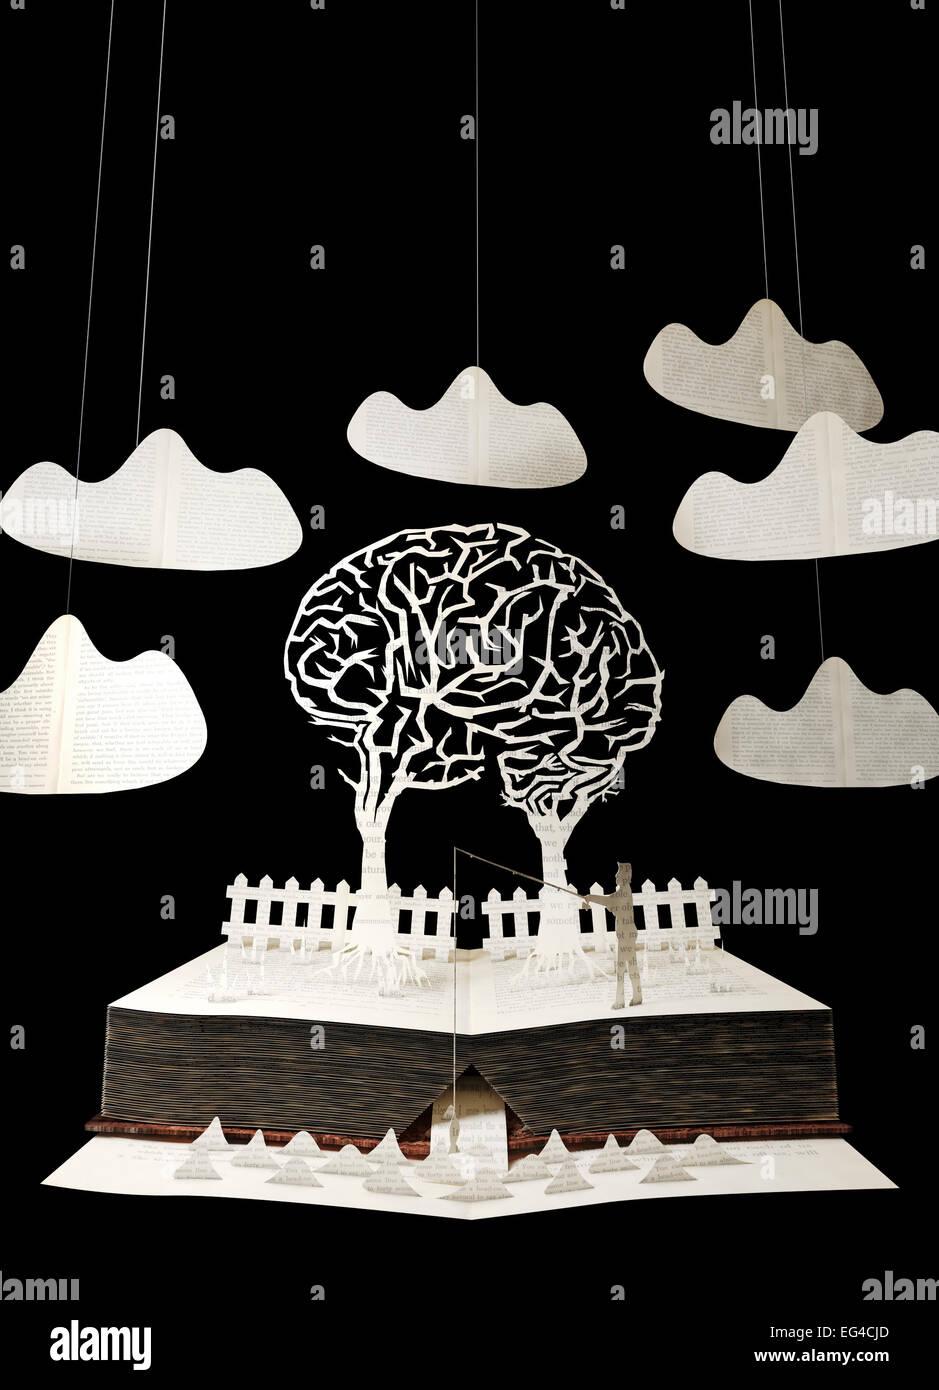 Landschaft aus Buch zu schneiden. Zwei Bäume Efeuranken machen Gehirn. Mann Angeln im Vordergrund. Zaun im Stockbild